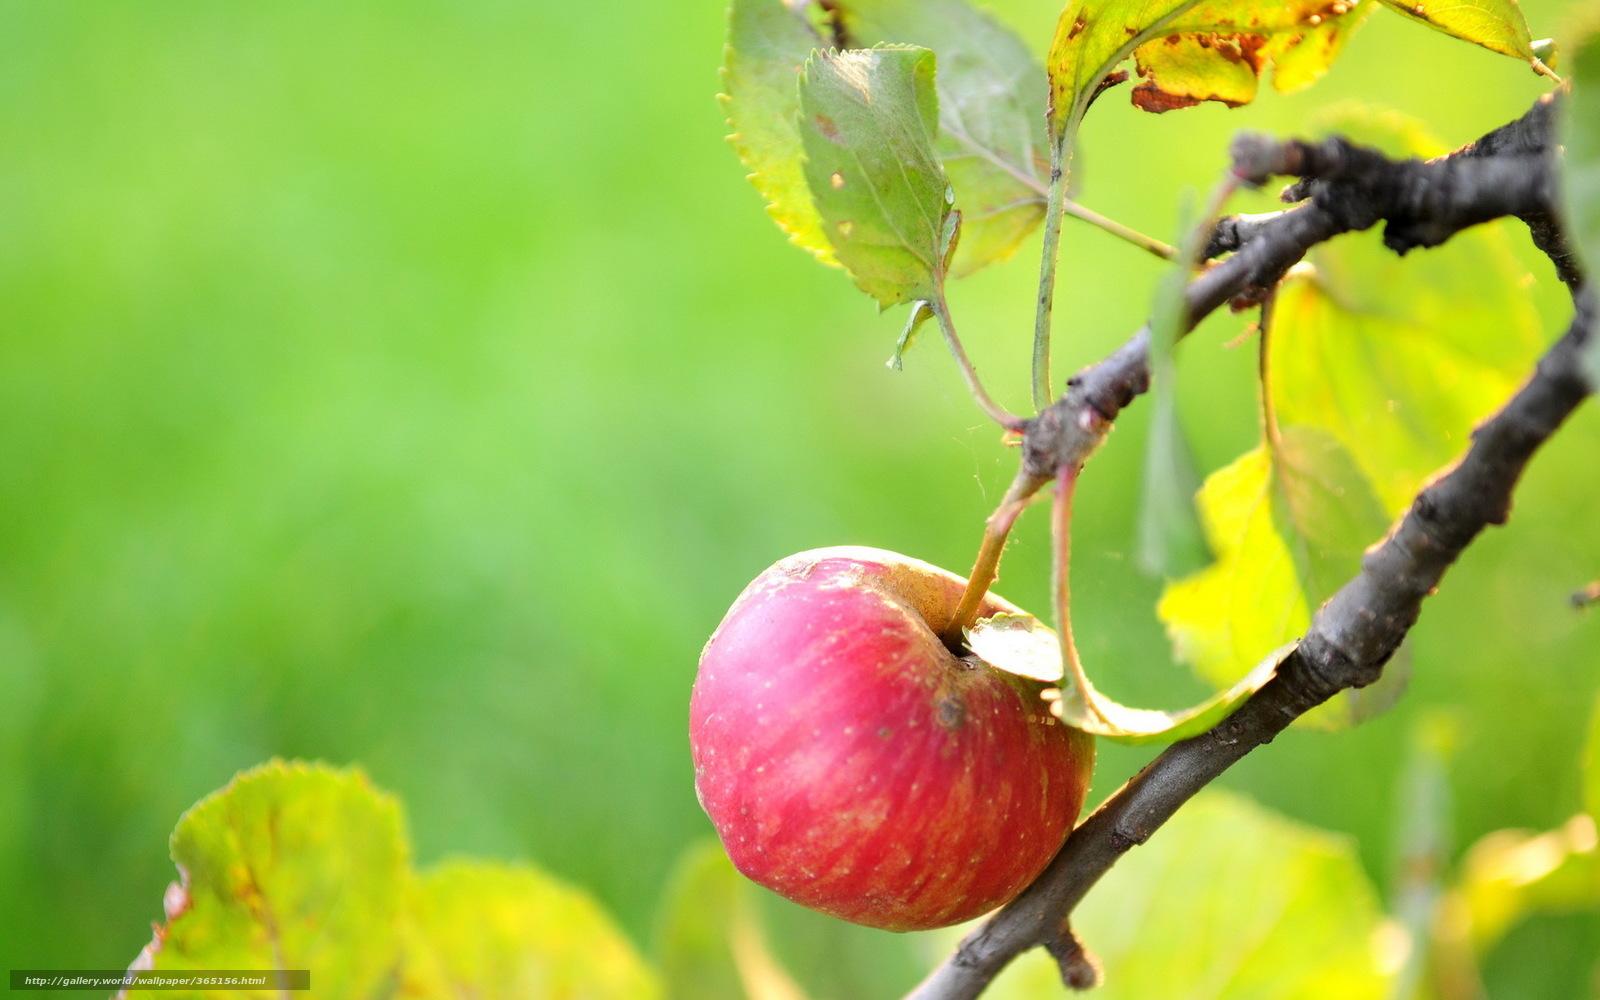 Села раскрытой дыркой на яблоко 2 фотография